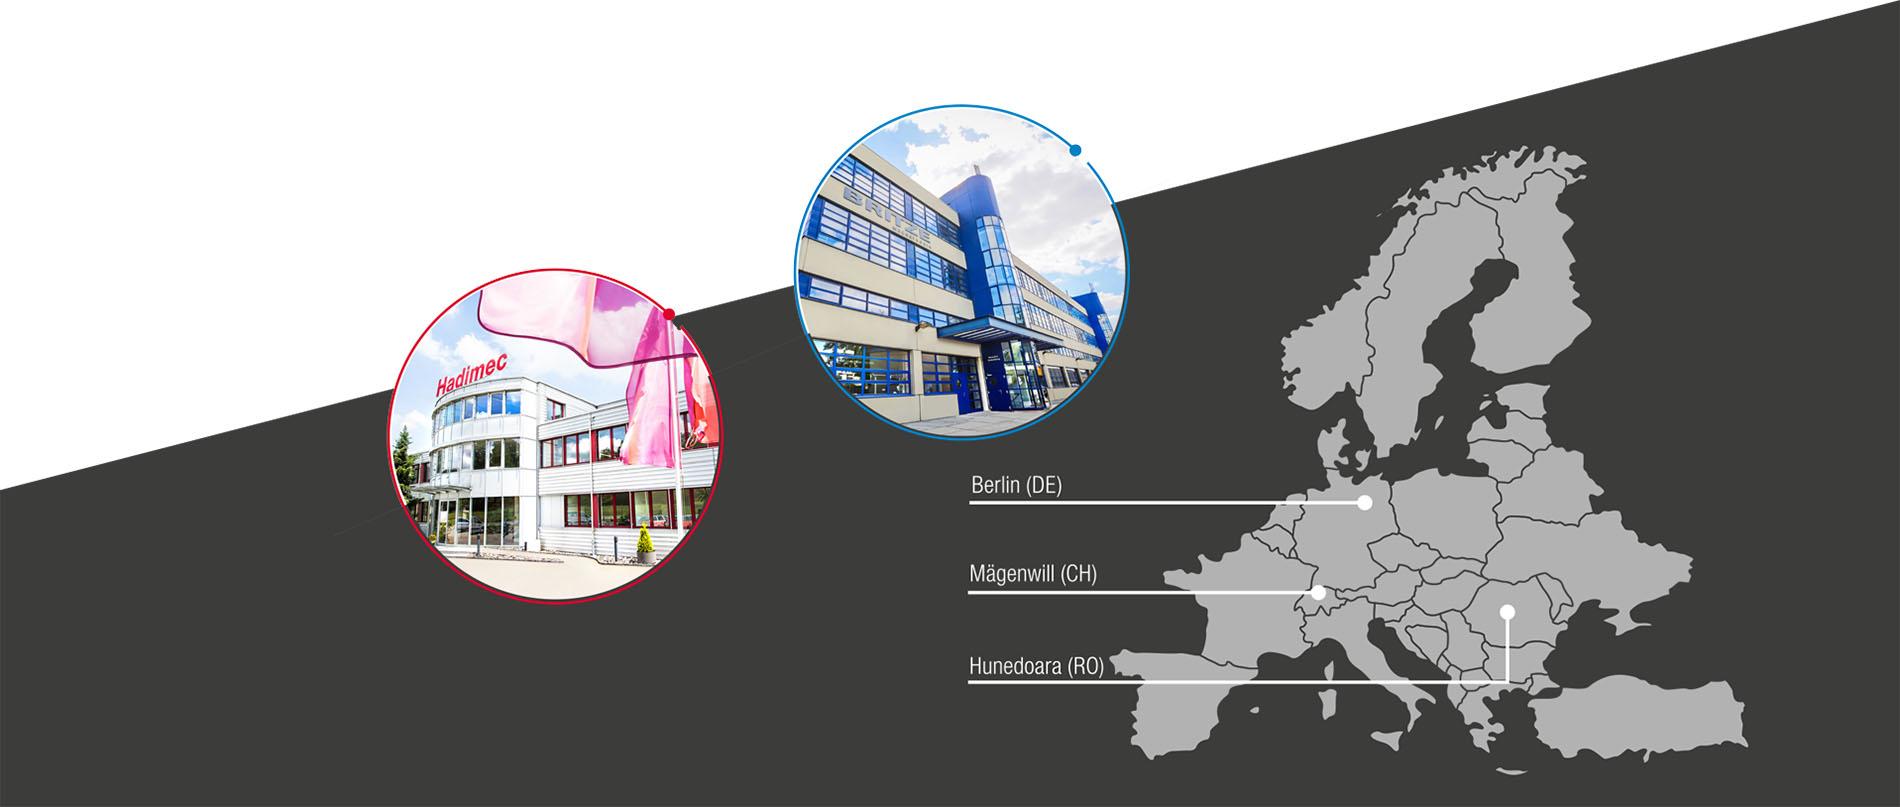 hadimec - BRITZE - EU Standorte